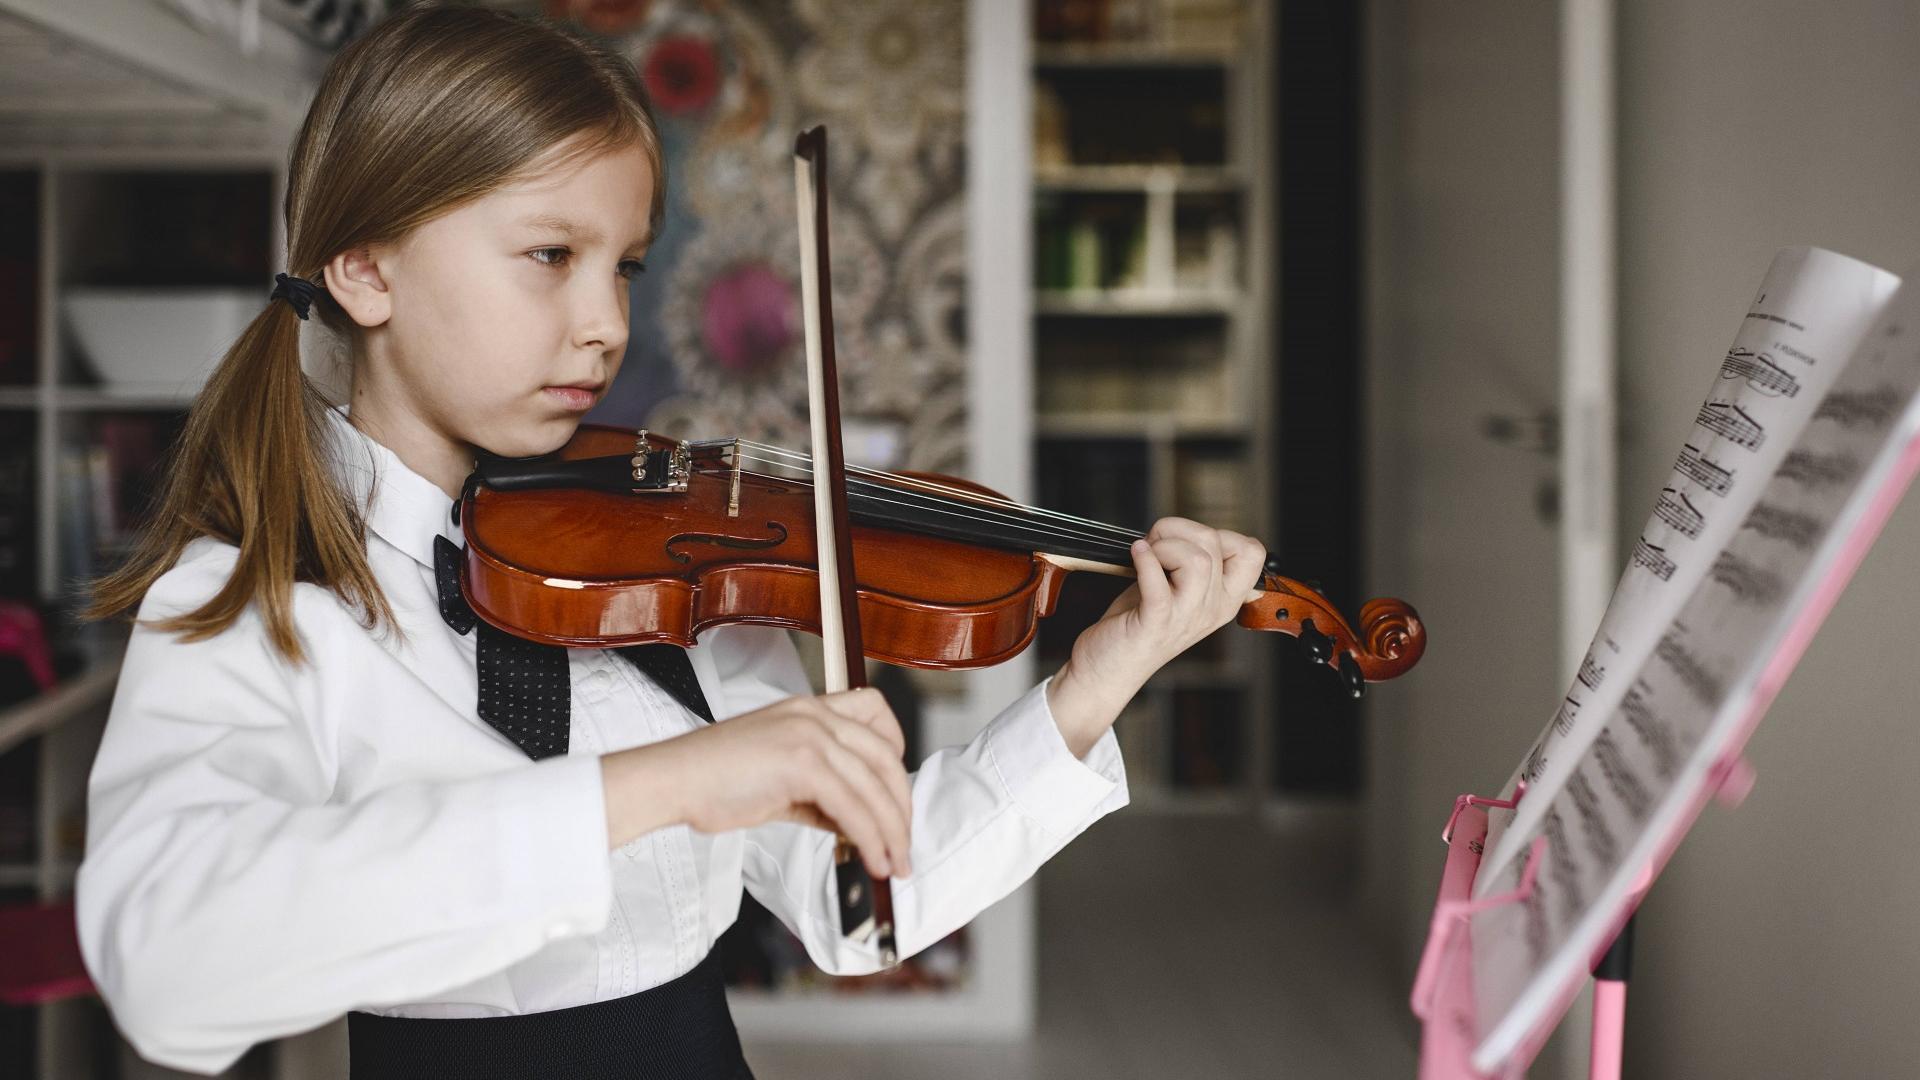 Kind spielt ein Musikinstrument